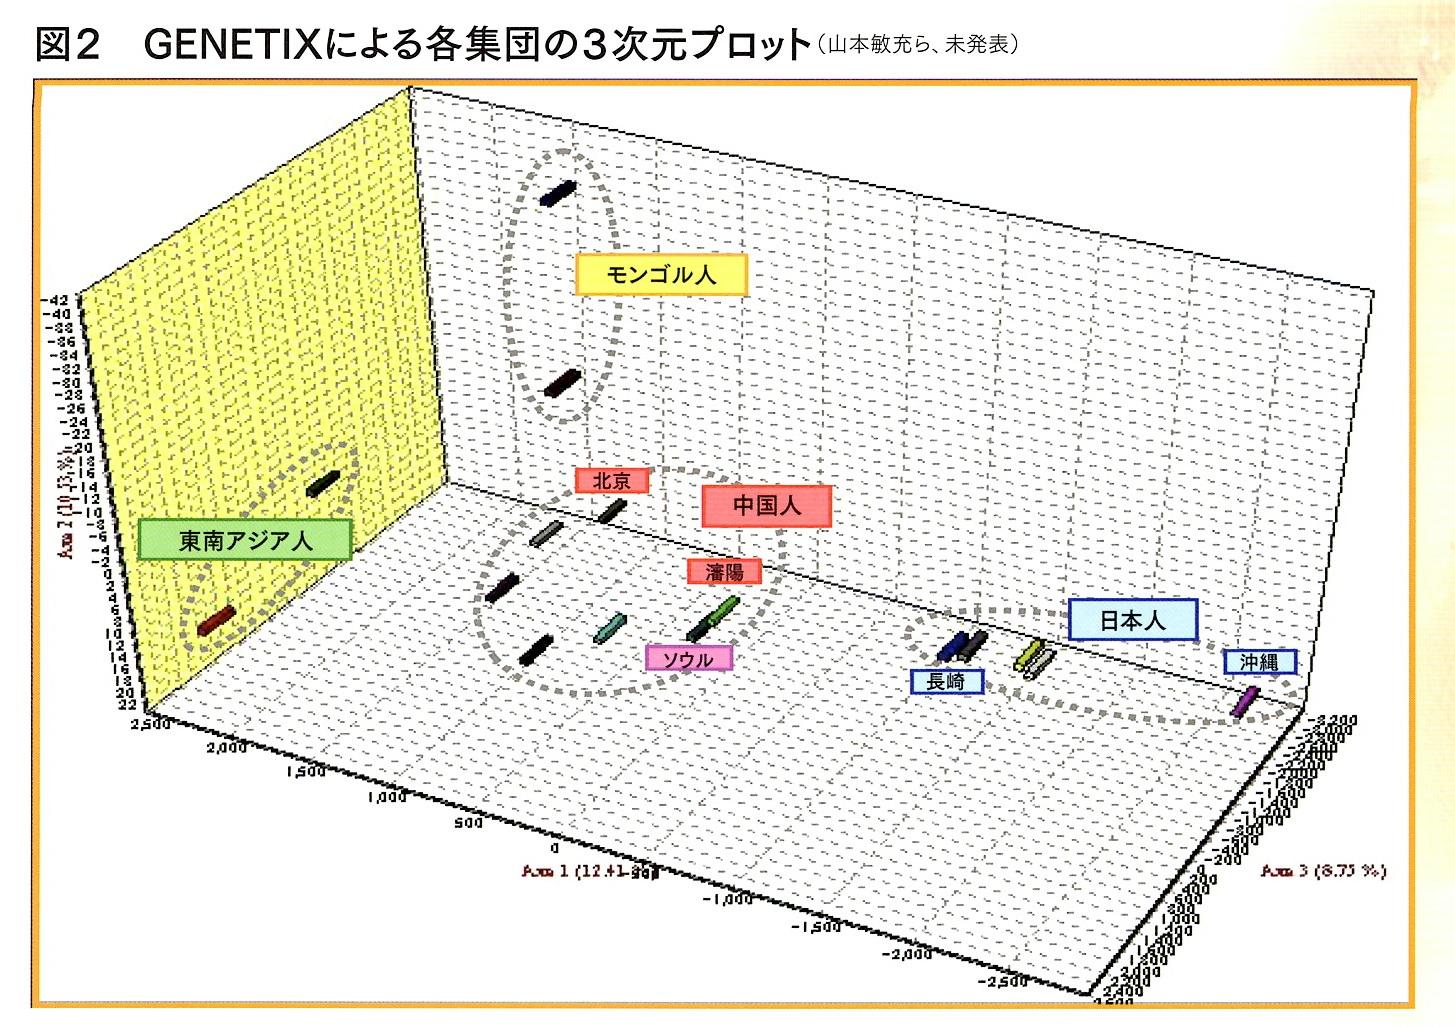 核ゲノム 1